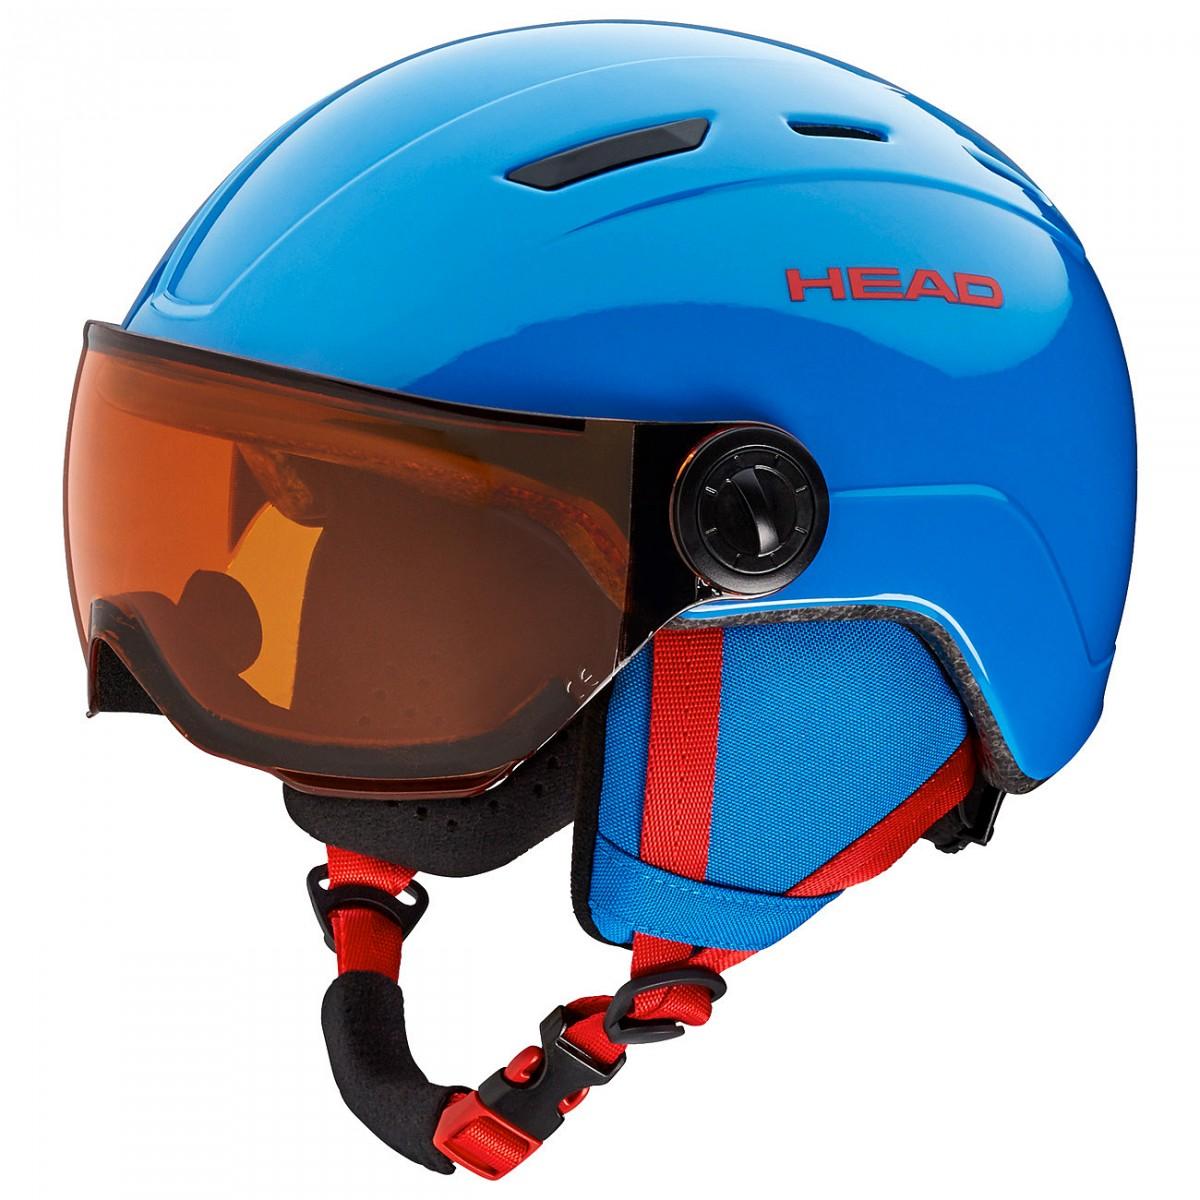 Casco sci Head Mojo Visor (Colore: blu, Taglia: 47/51)